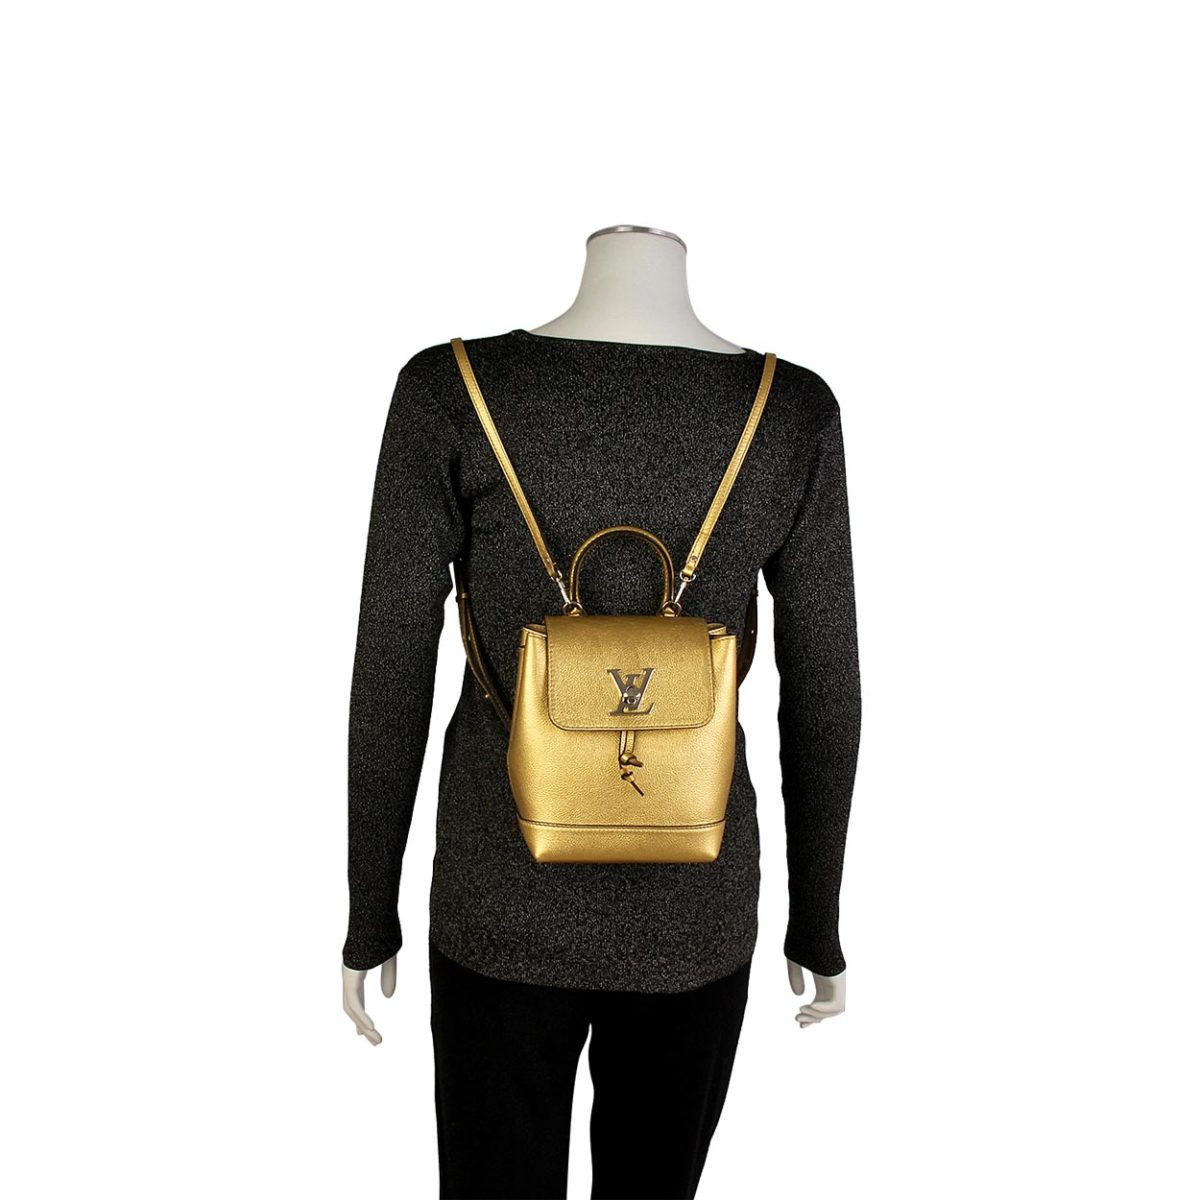 d217409d85580 LOUIS VUITTON Mini Lockme Backpack Gold